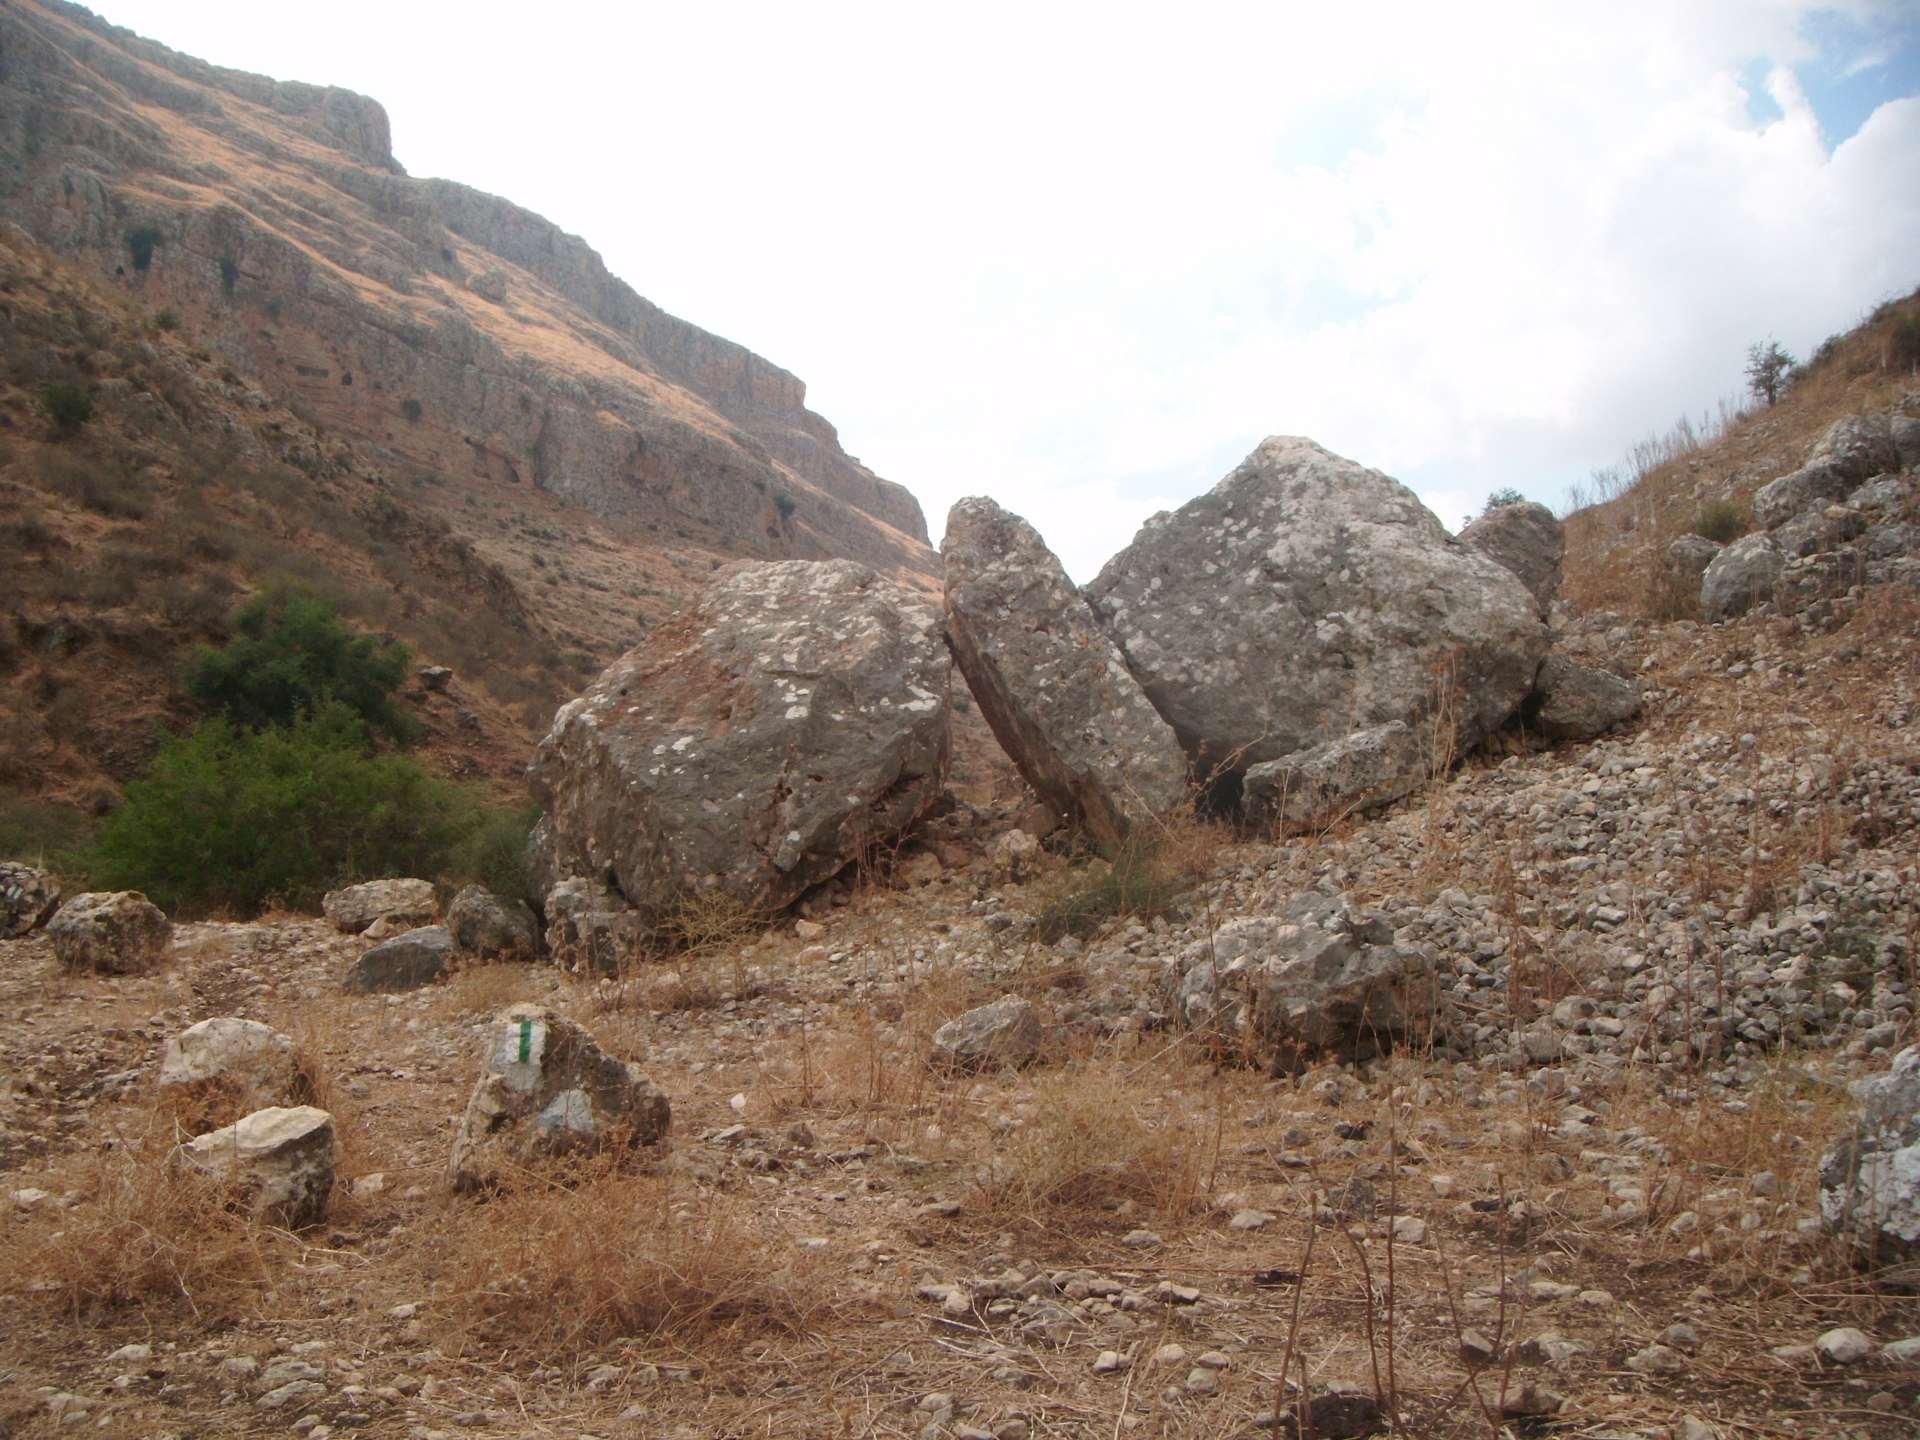 Arbel_deposits